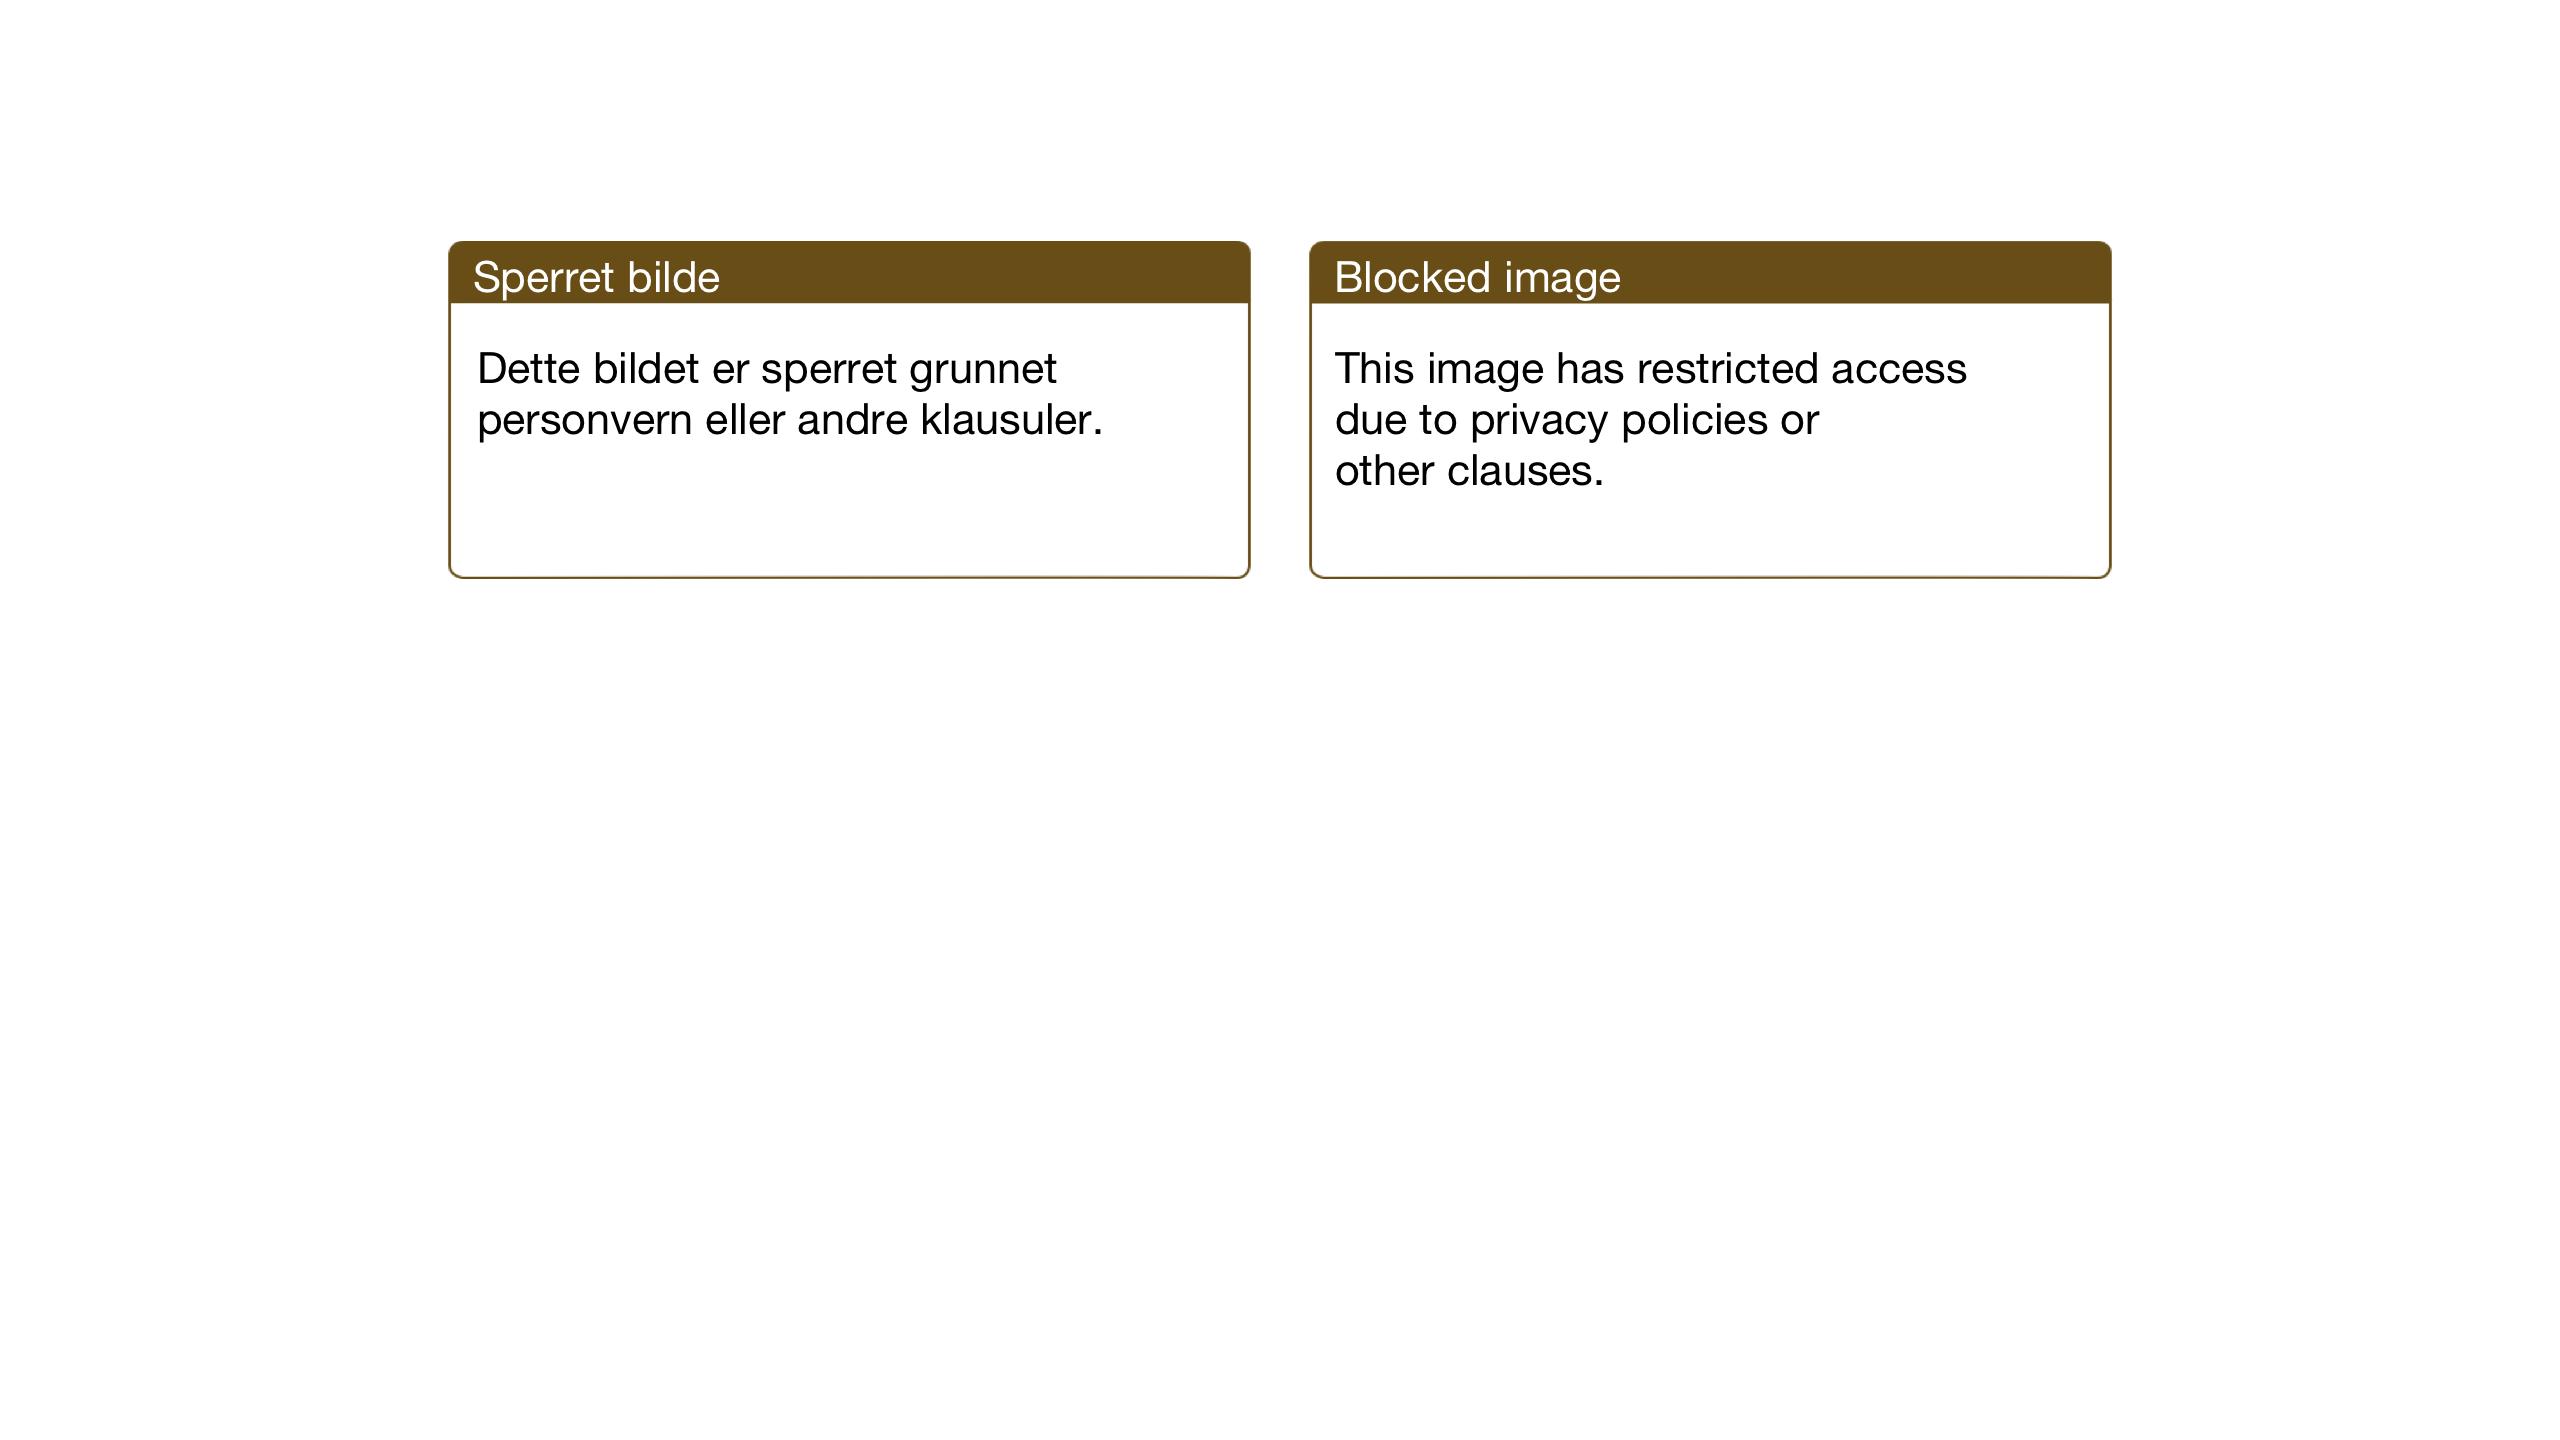 SAT, Ministerialprotokoller, klokkerbøker og fødselsregistre - Sør-Trøndelag, 653/L0658: Klokkerbok nr. 653C02, 1919-1947, s. 223